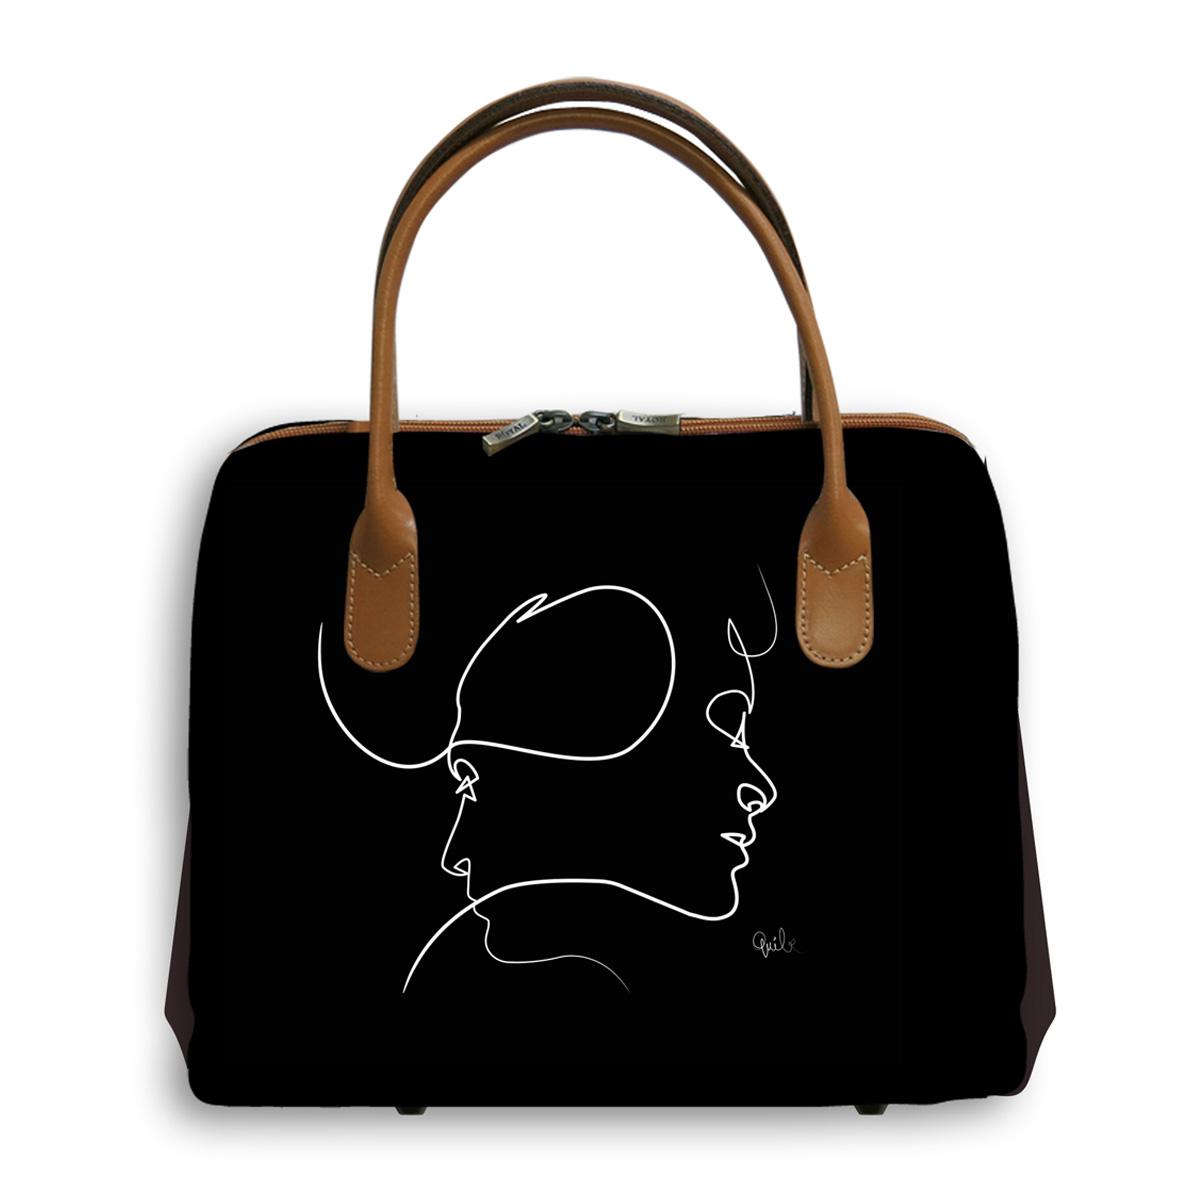 Sac créateur artisanal \'Quibe\' noir marron (Presque - visages)  - 30x26x11 cm - [A0330]